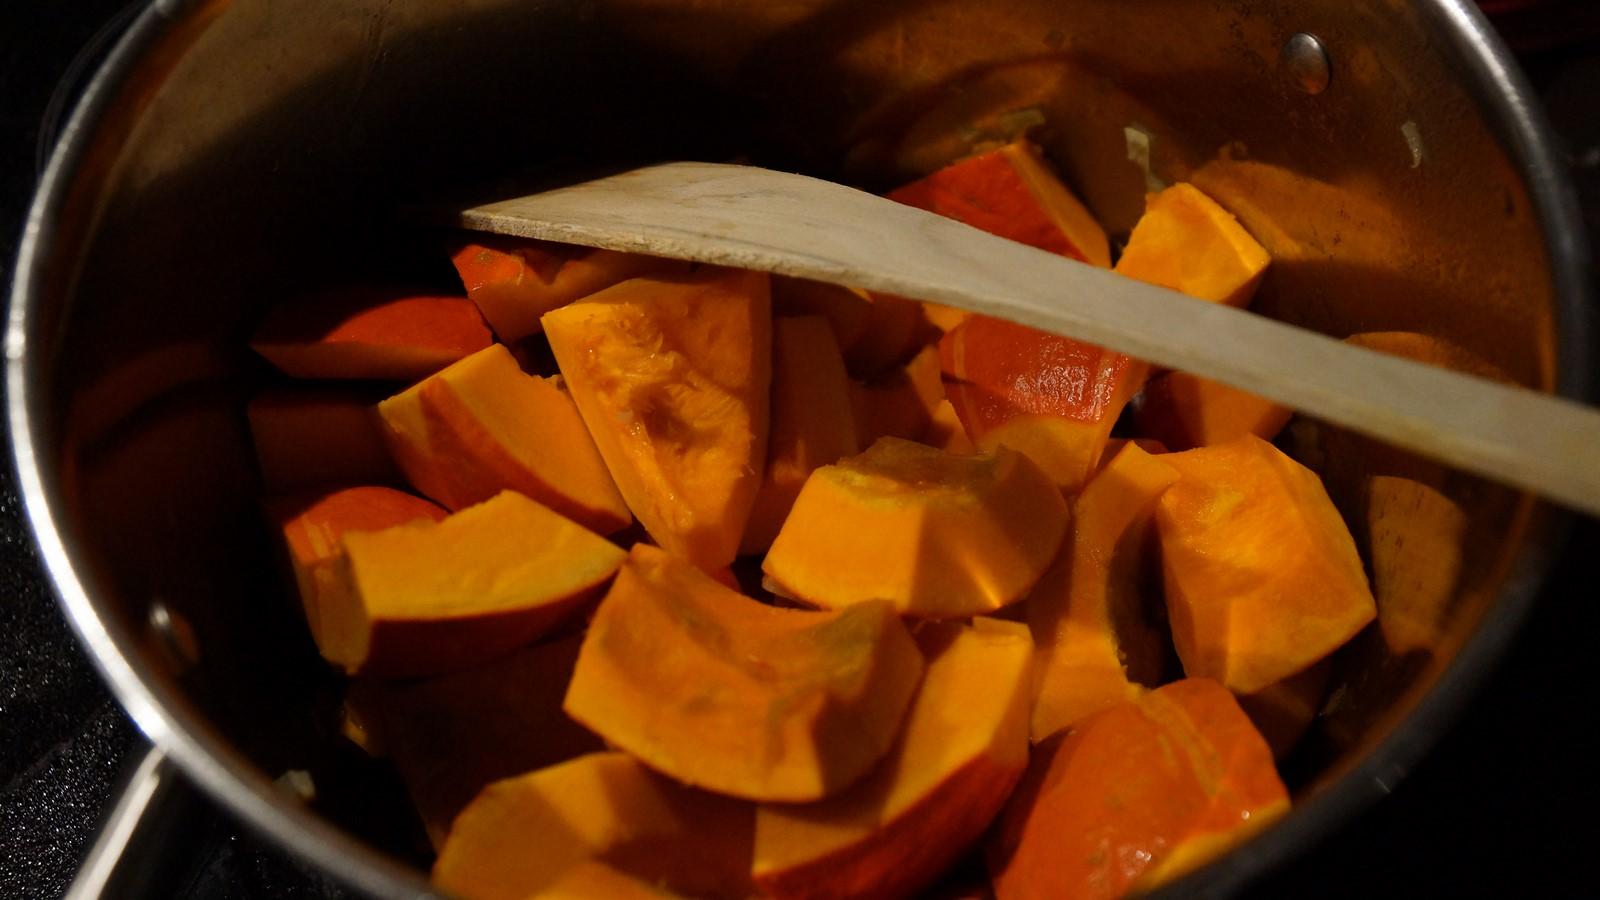 Vie de gourmand soupe de potimarron au bacon - Quand ramasser les potimarrons ...